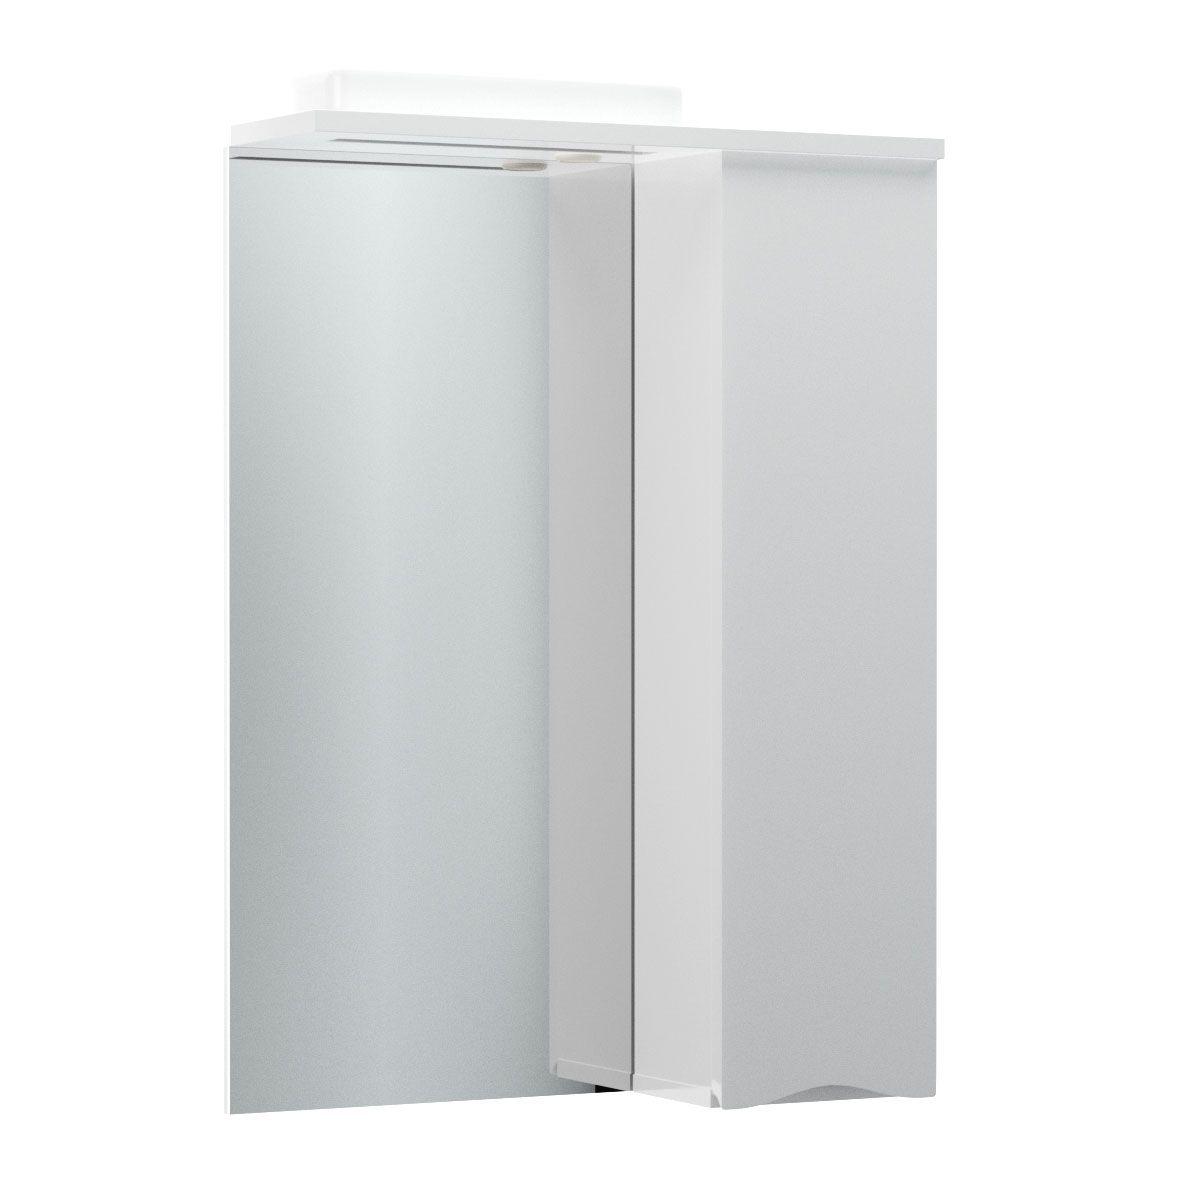 """Καθρέπτης μπάνιου """"SMILE"""" με led φωτισμό σε λευκό χρώμα 60x17x87"""